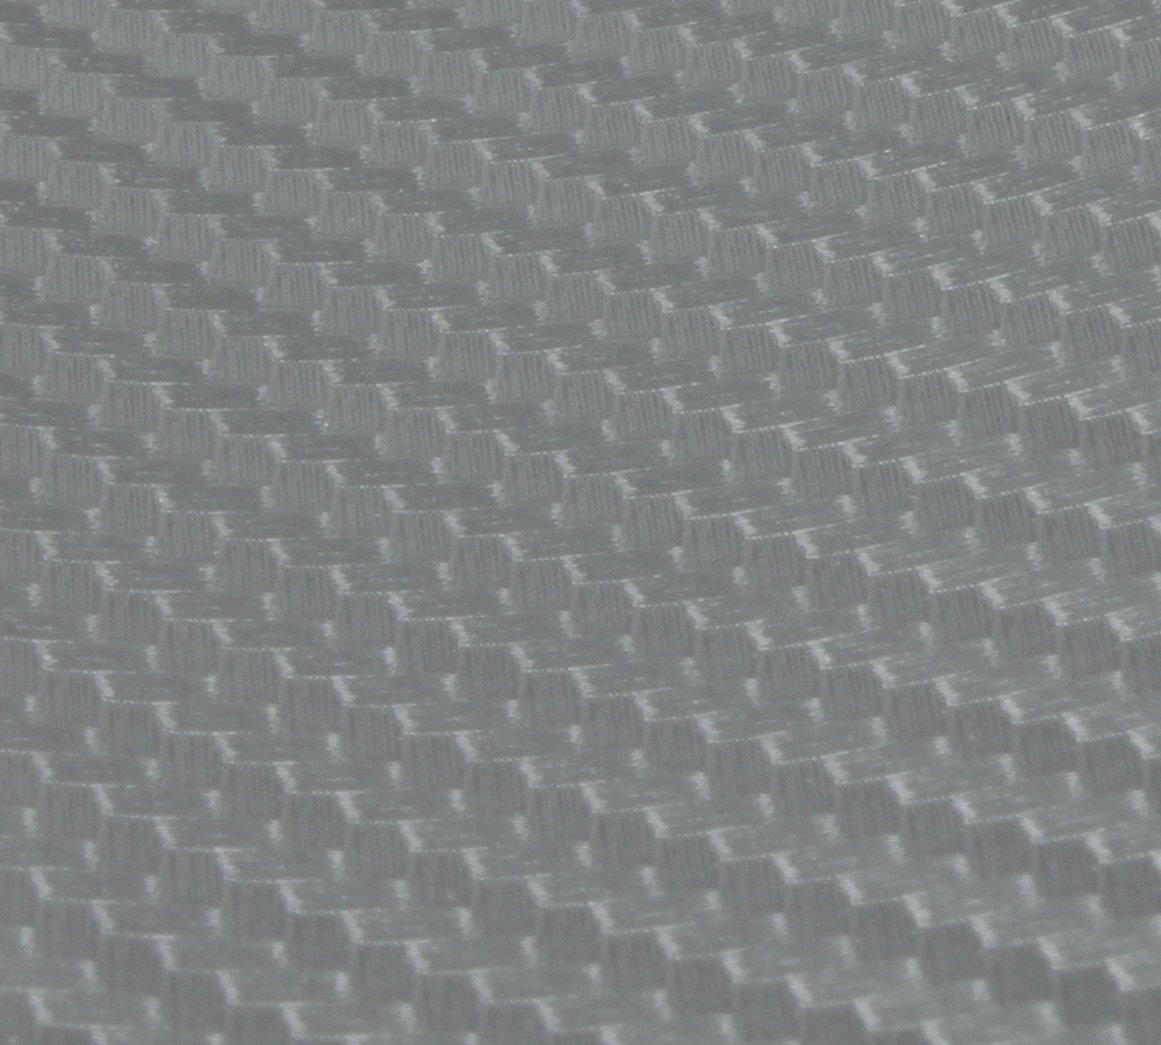 3D Carbon Folie mit fü hlbarer Struktur 152cm x 100cm // Silber mit Luftkanä len // Stä rke (0, 19-0, 22mm) von Avadoo avadoo®